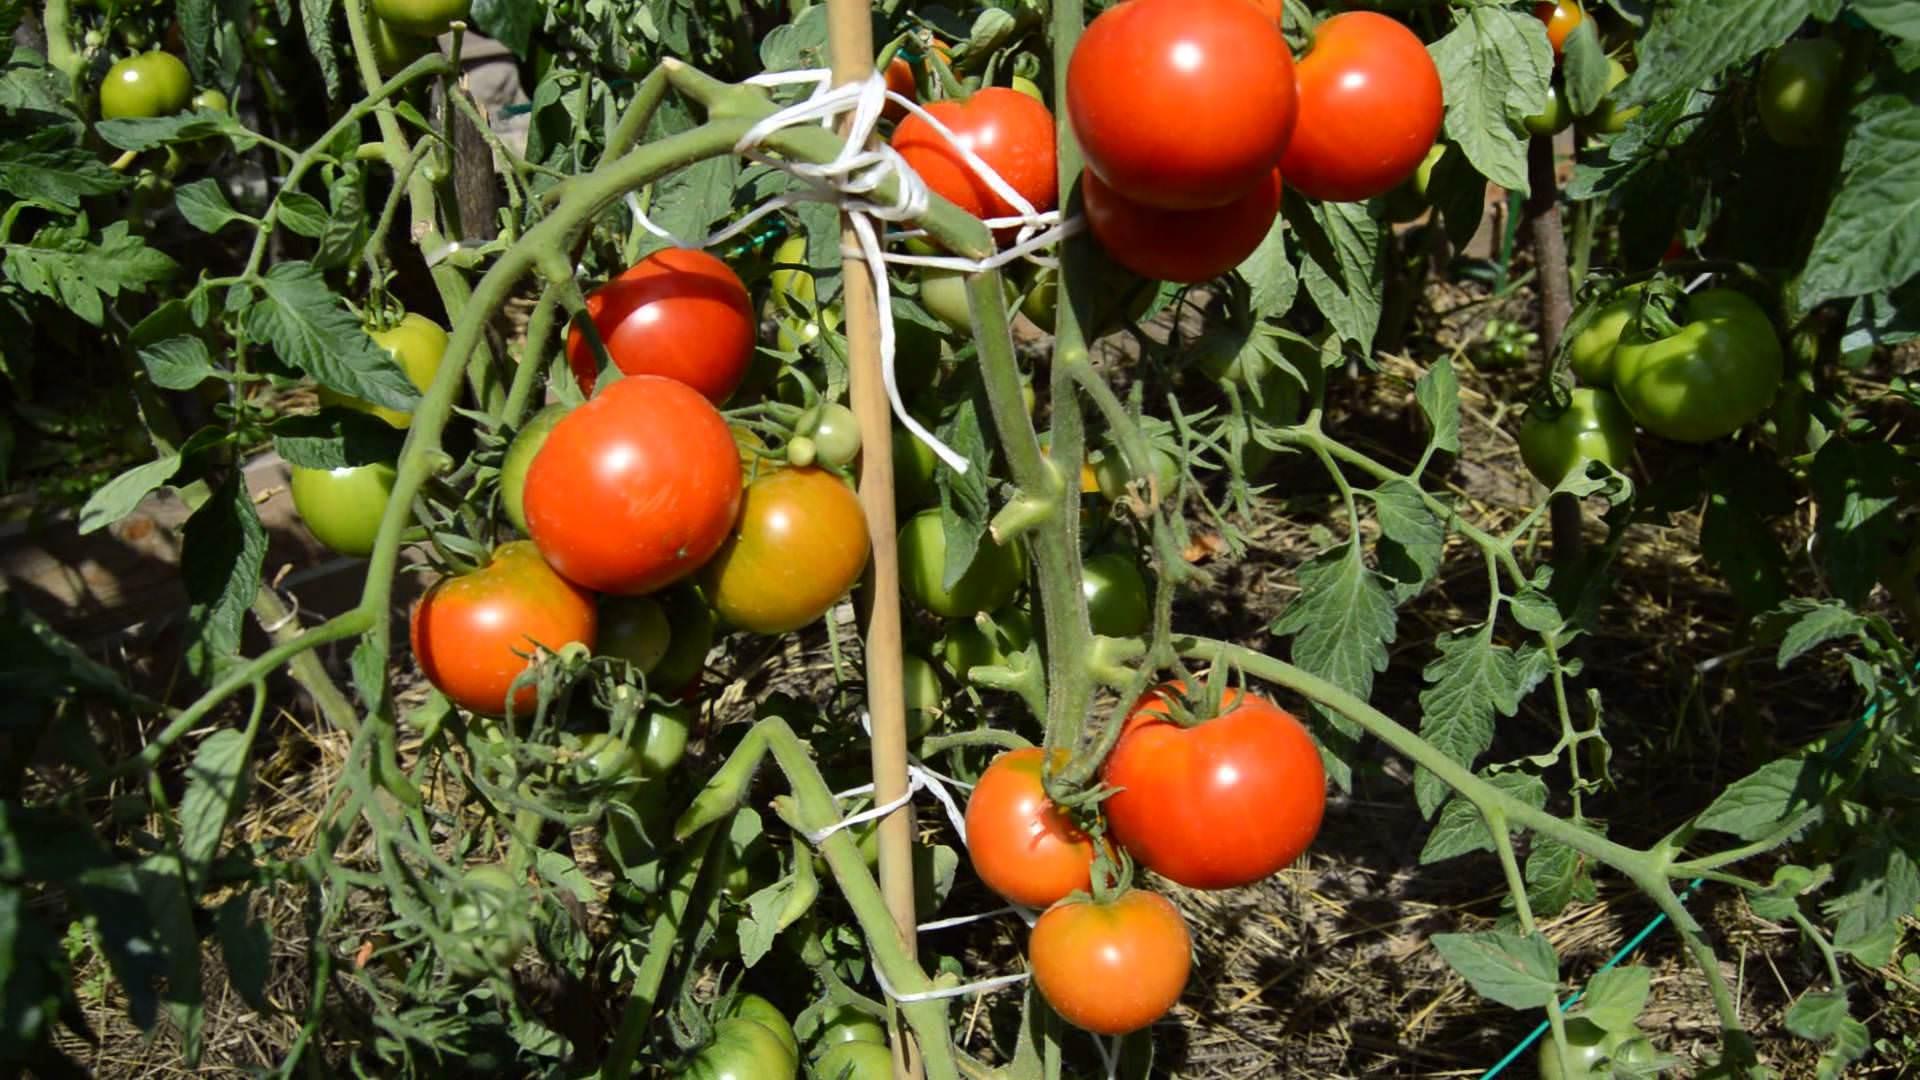 Томат махитос: описание и характеристика, отзывы, фото, урожайность | tomatland.ru